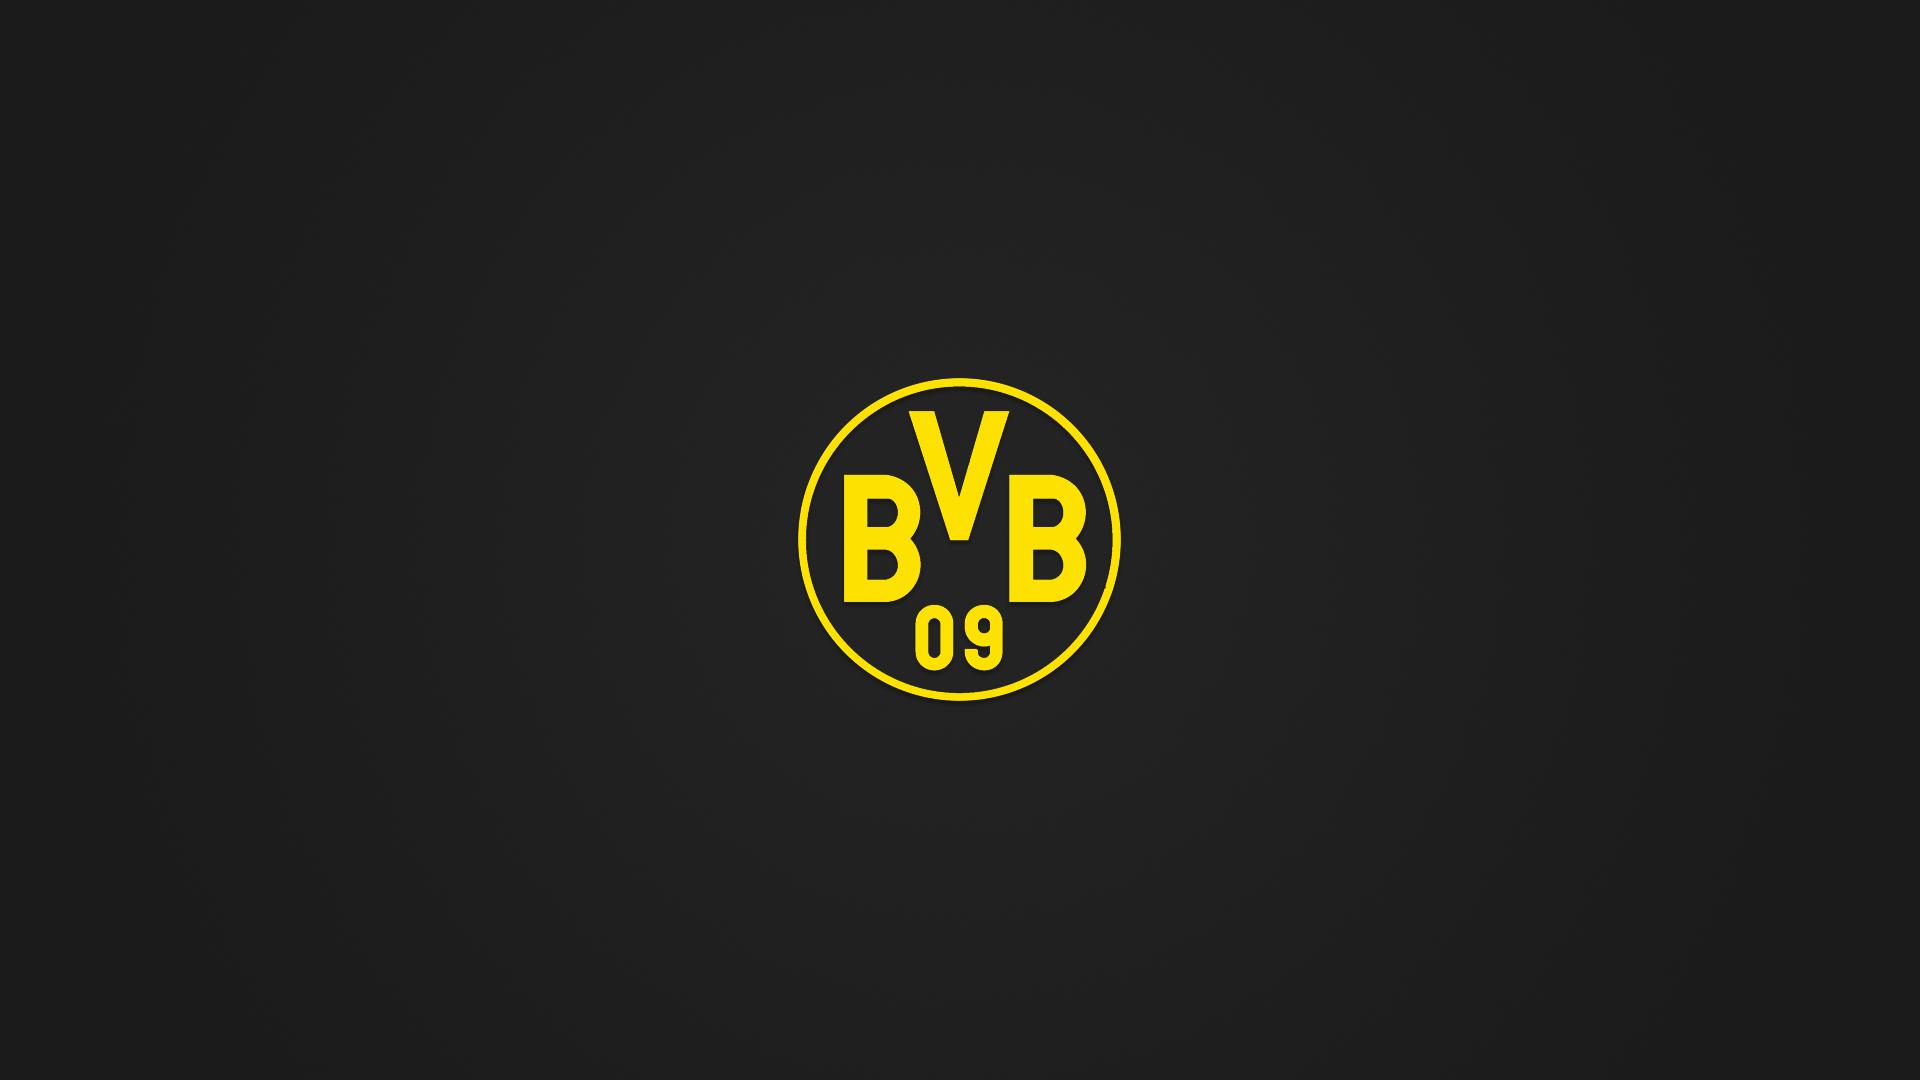 Bvb Borussia Dortmund Minimalism Wallpaper Resolution 1920x1080 Id 550580 Wallha Com